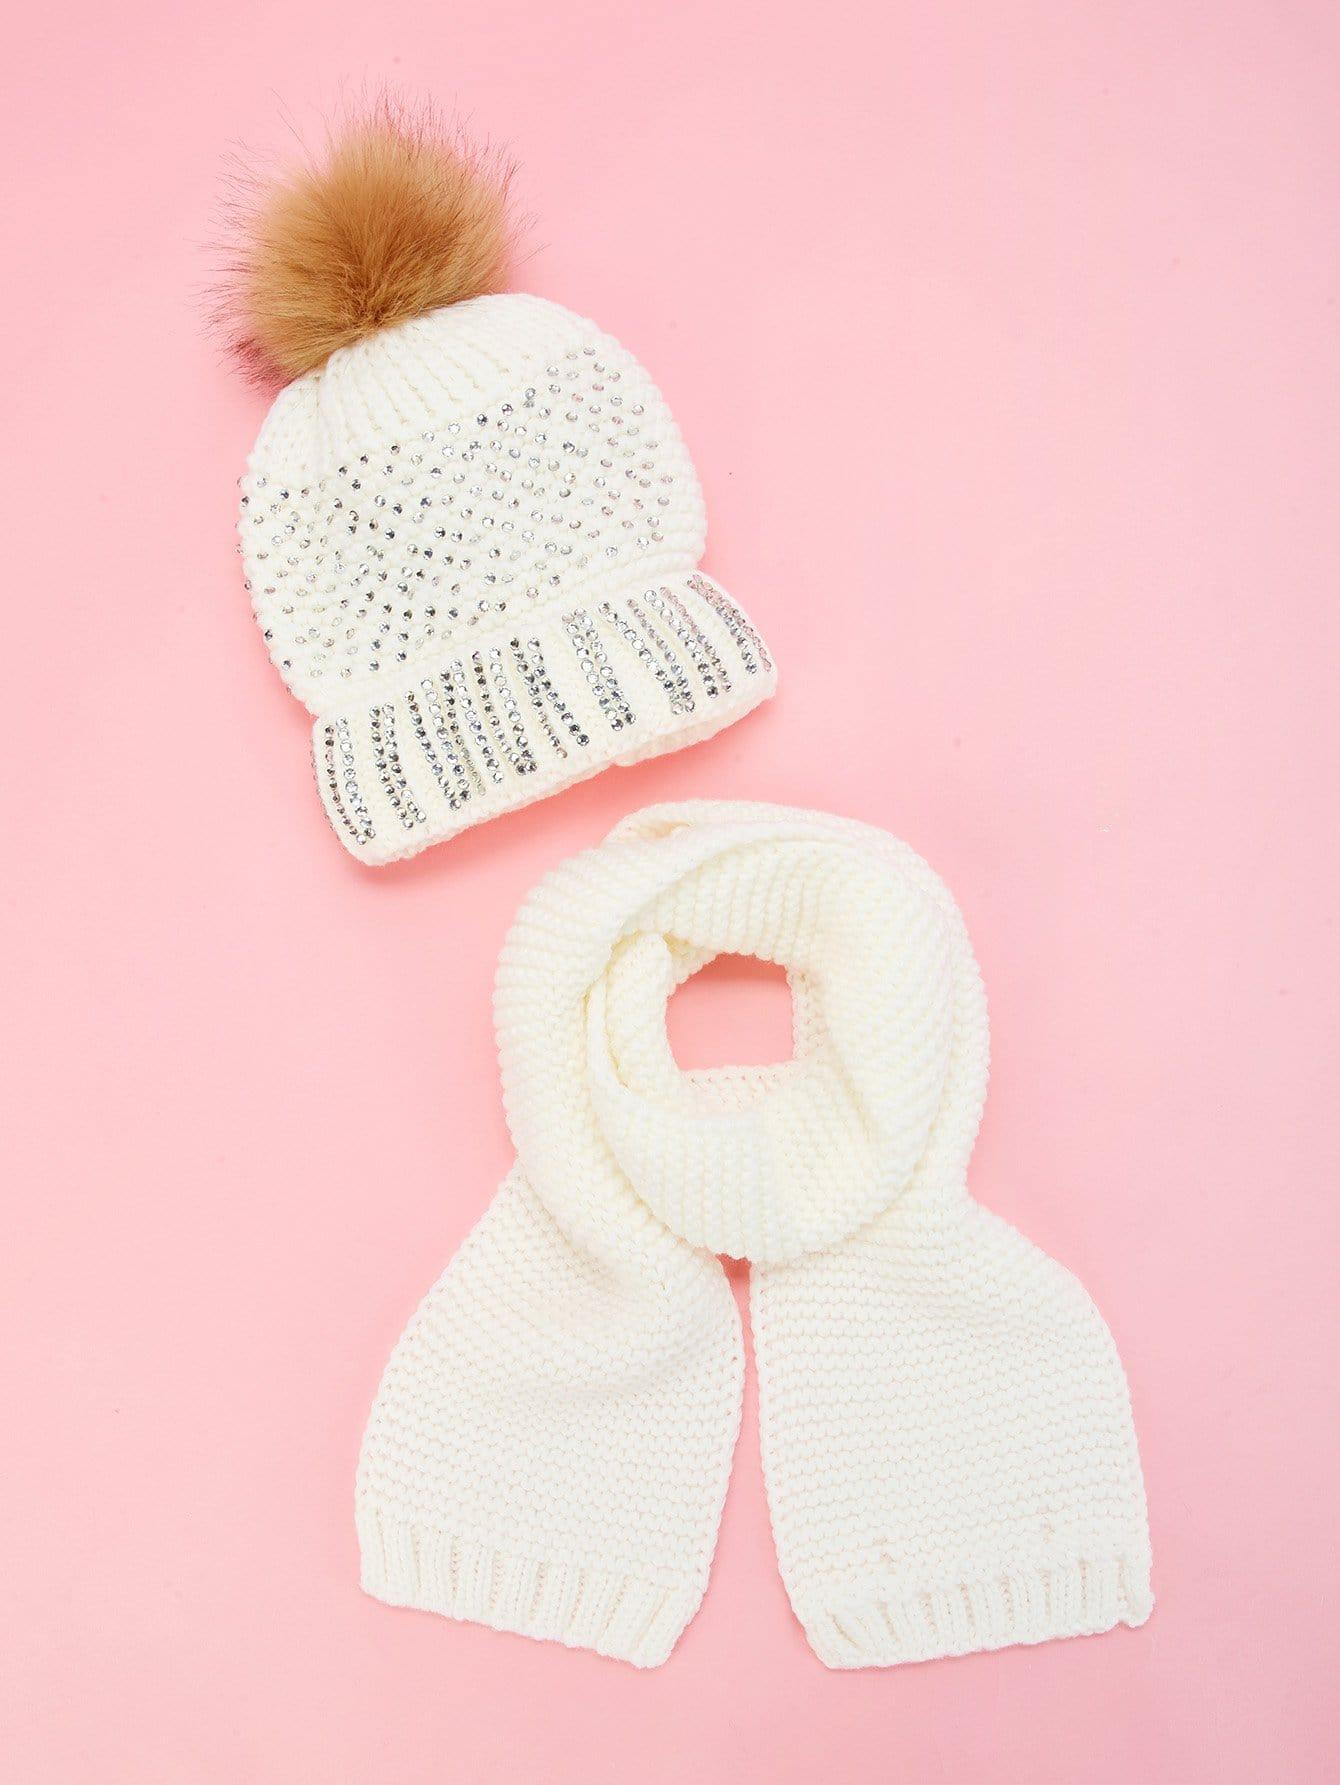 Купить Шляпка с горными хрусталями и однотонный шарф 2 шт для девочек, null, SheIn